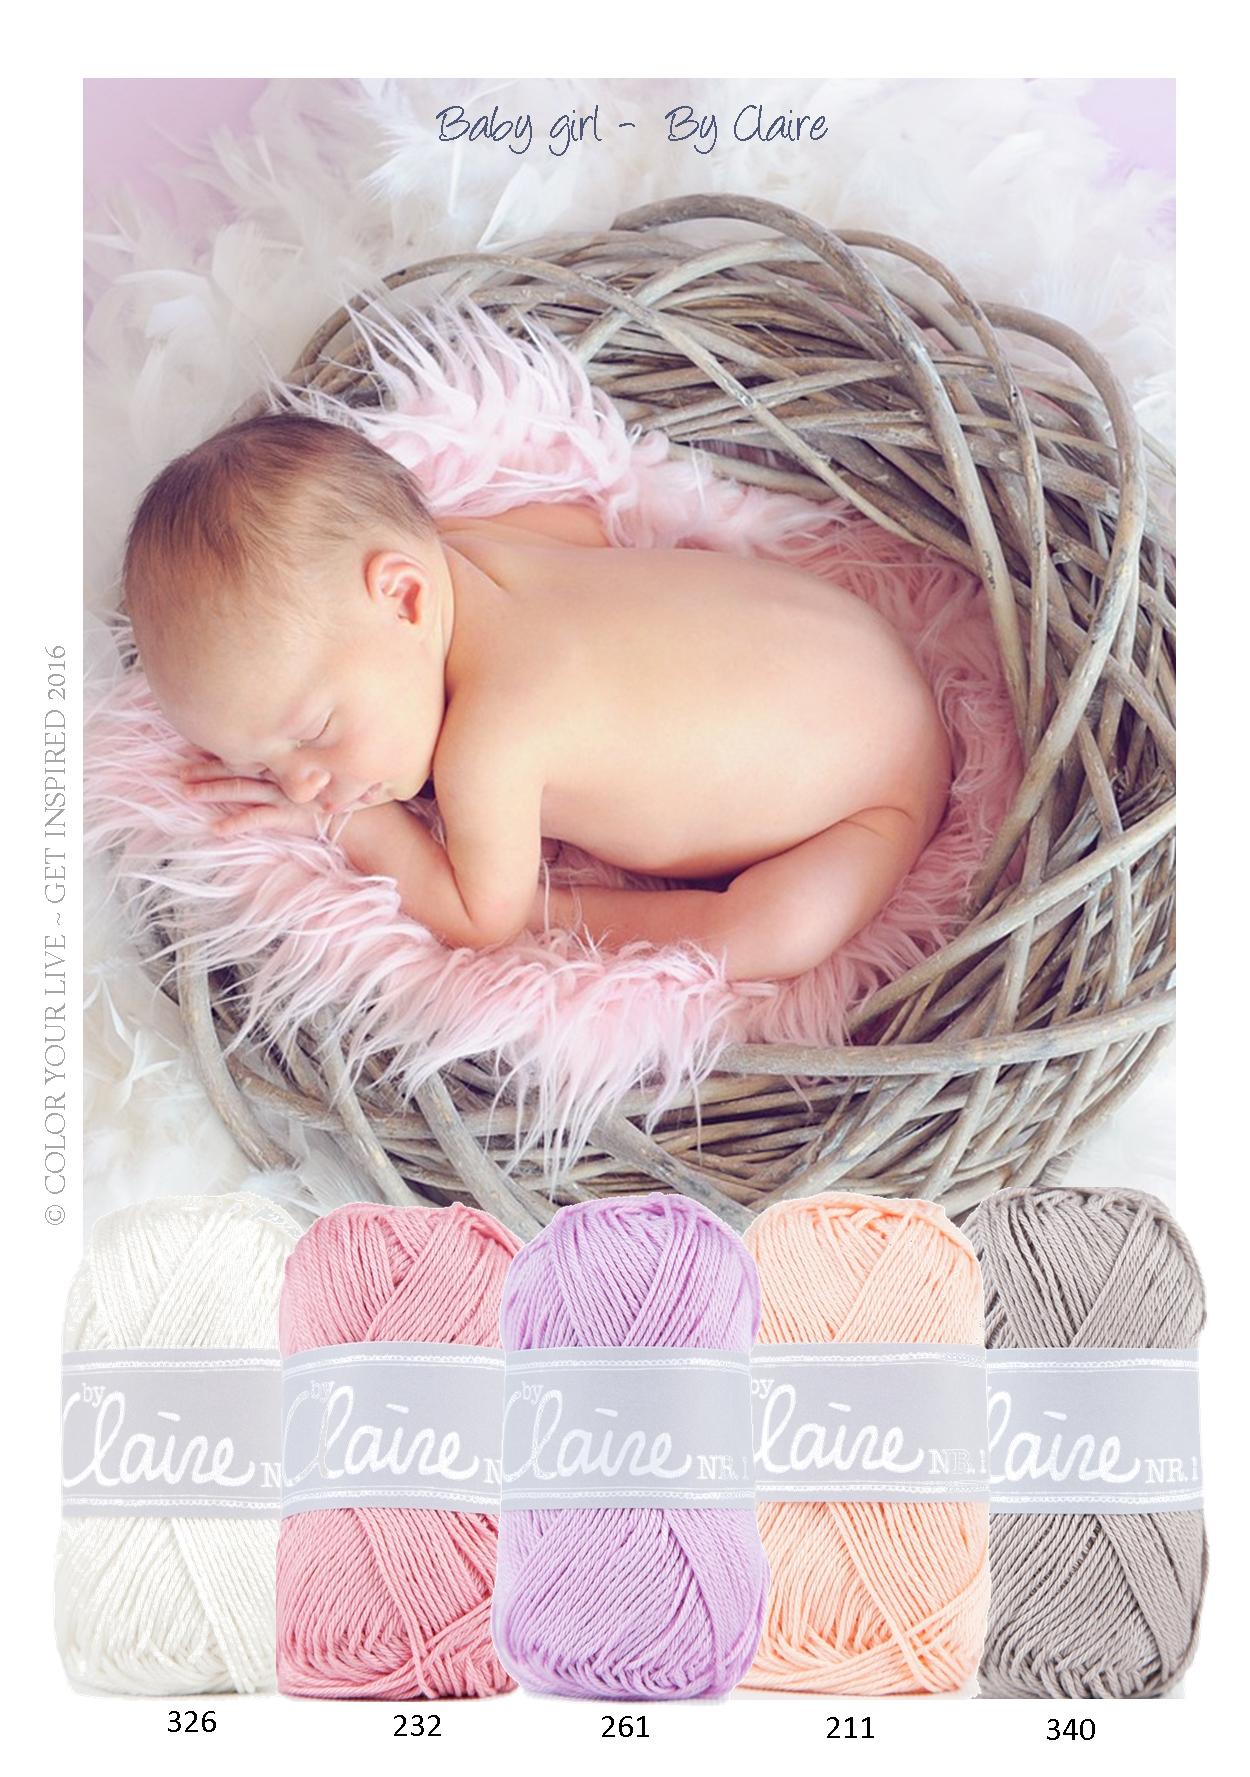 Baby Girl Prachtige Pasteltinten Mooi Voor Een Baby Dekentje Of